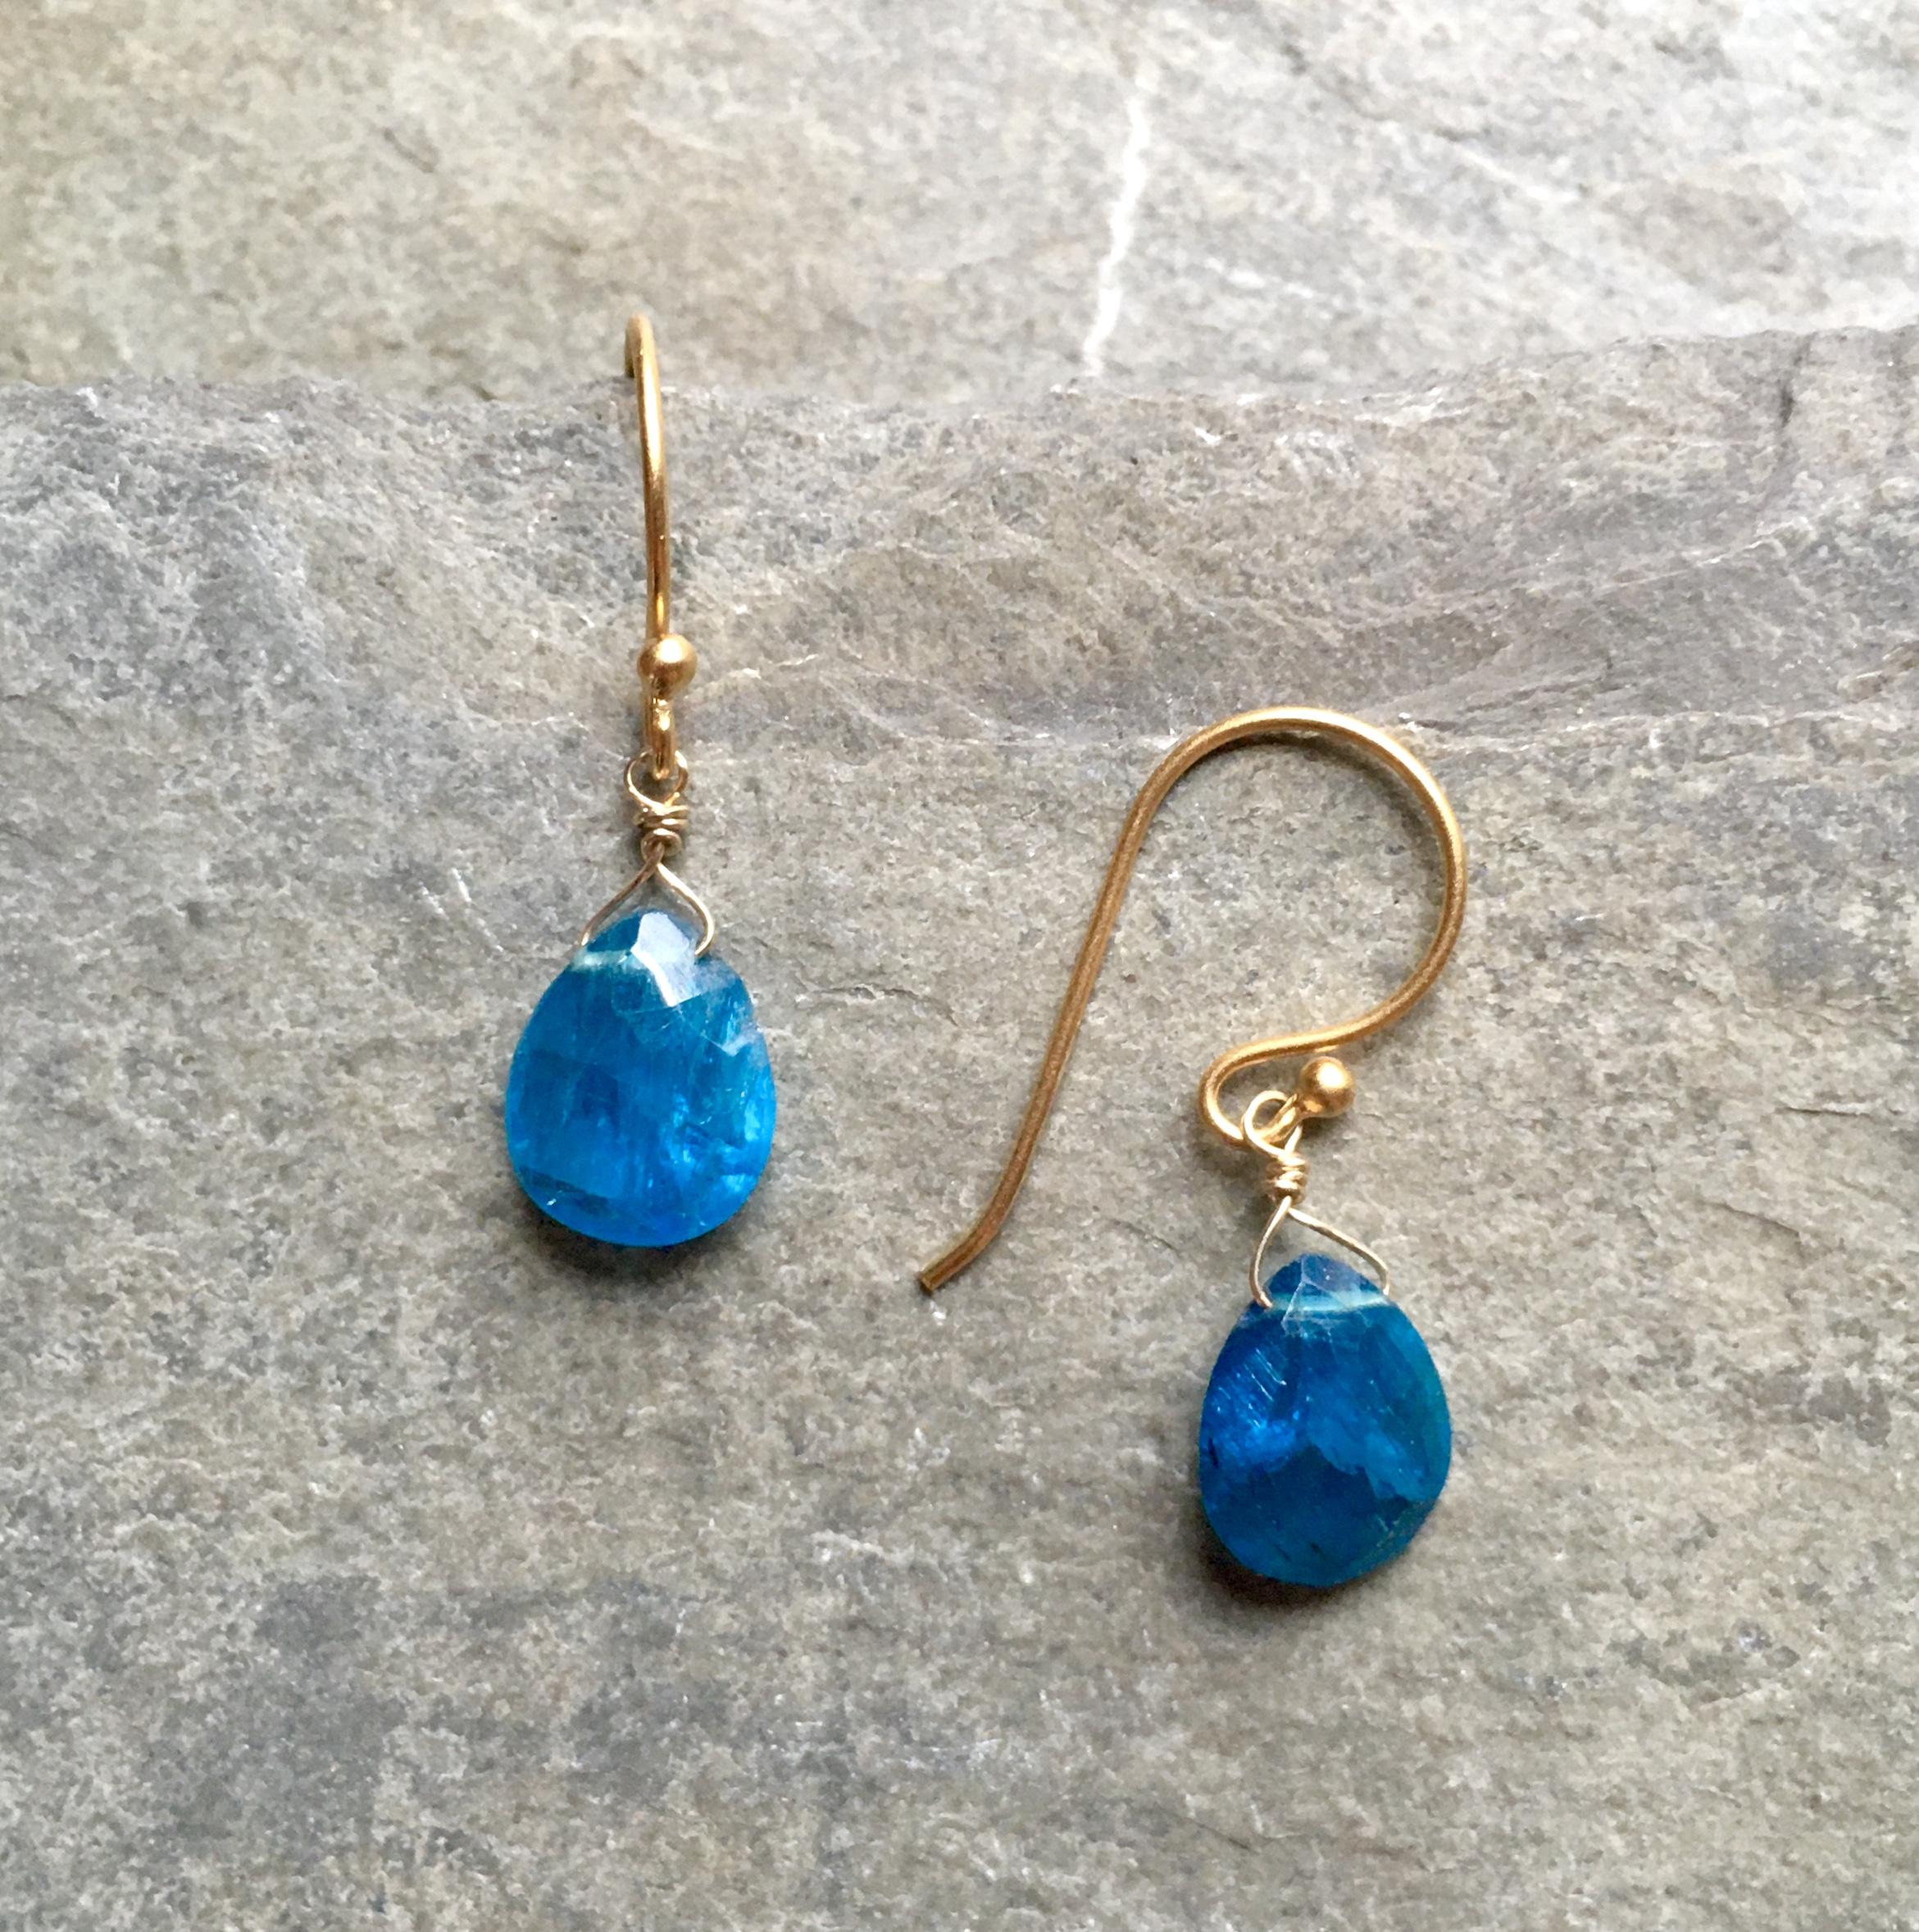 teal apatite earrings